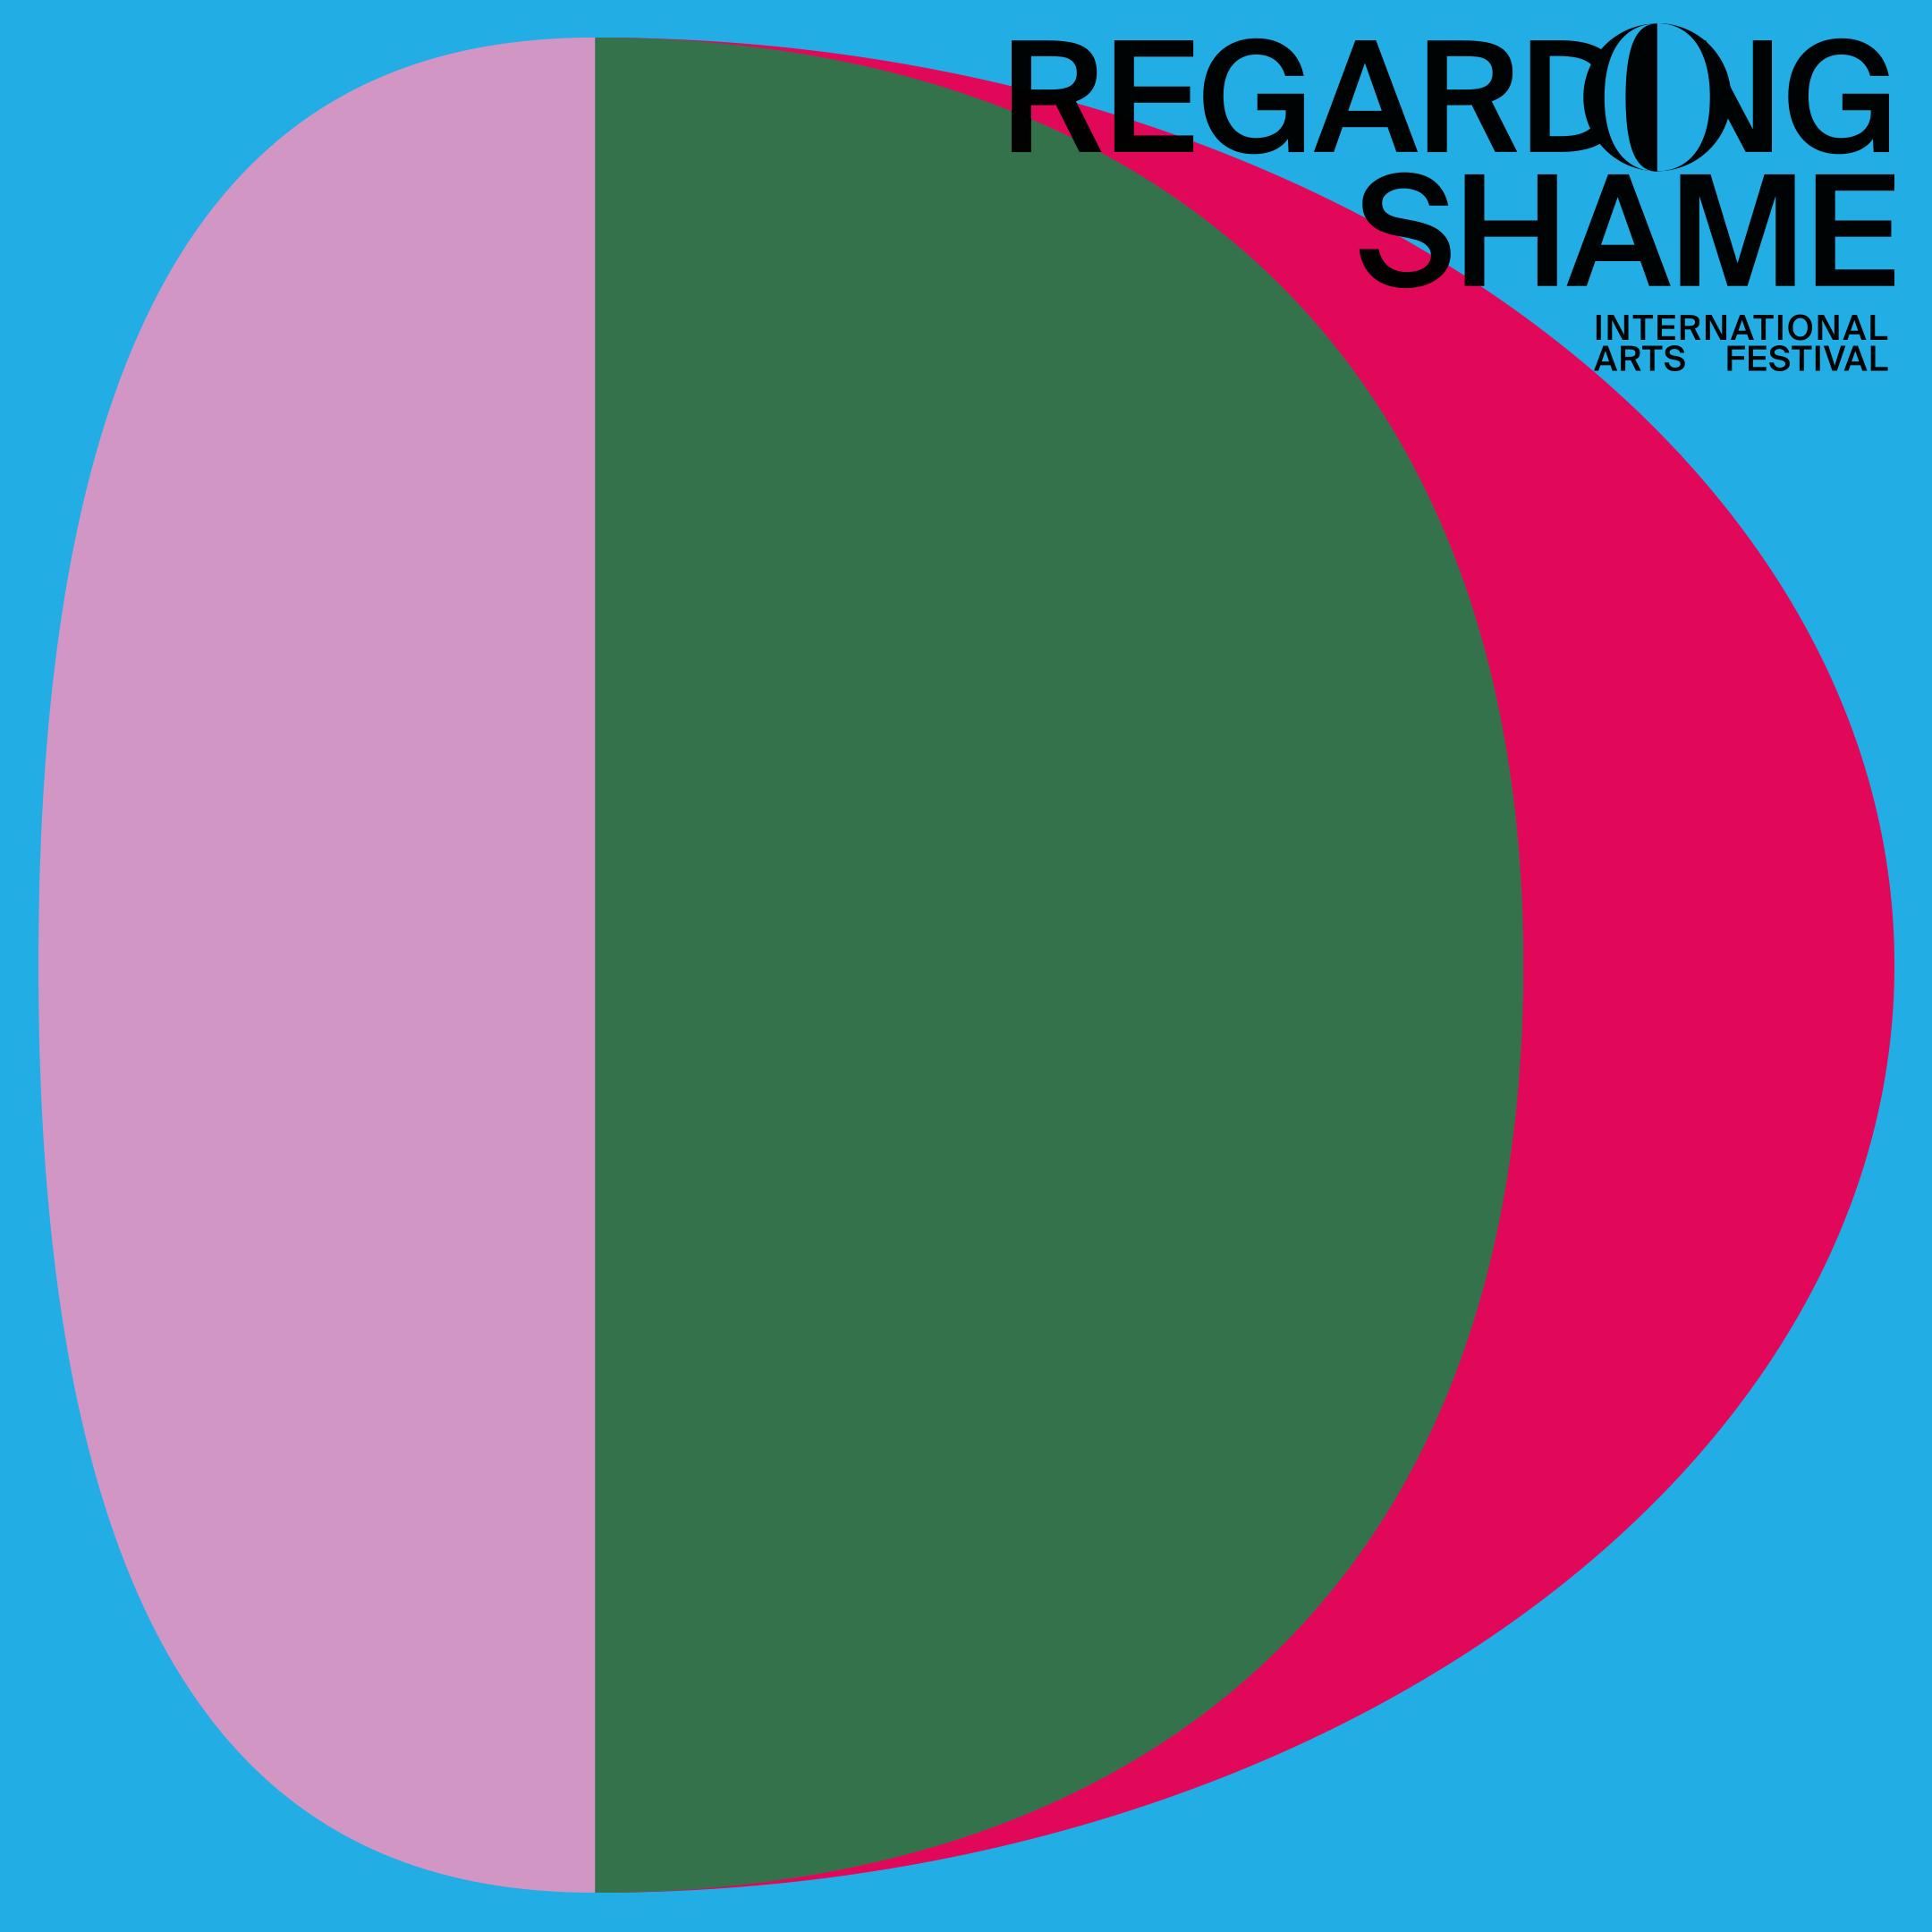 Regarding…  Shame  International Arts Festival —cover art